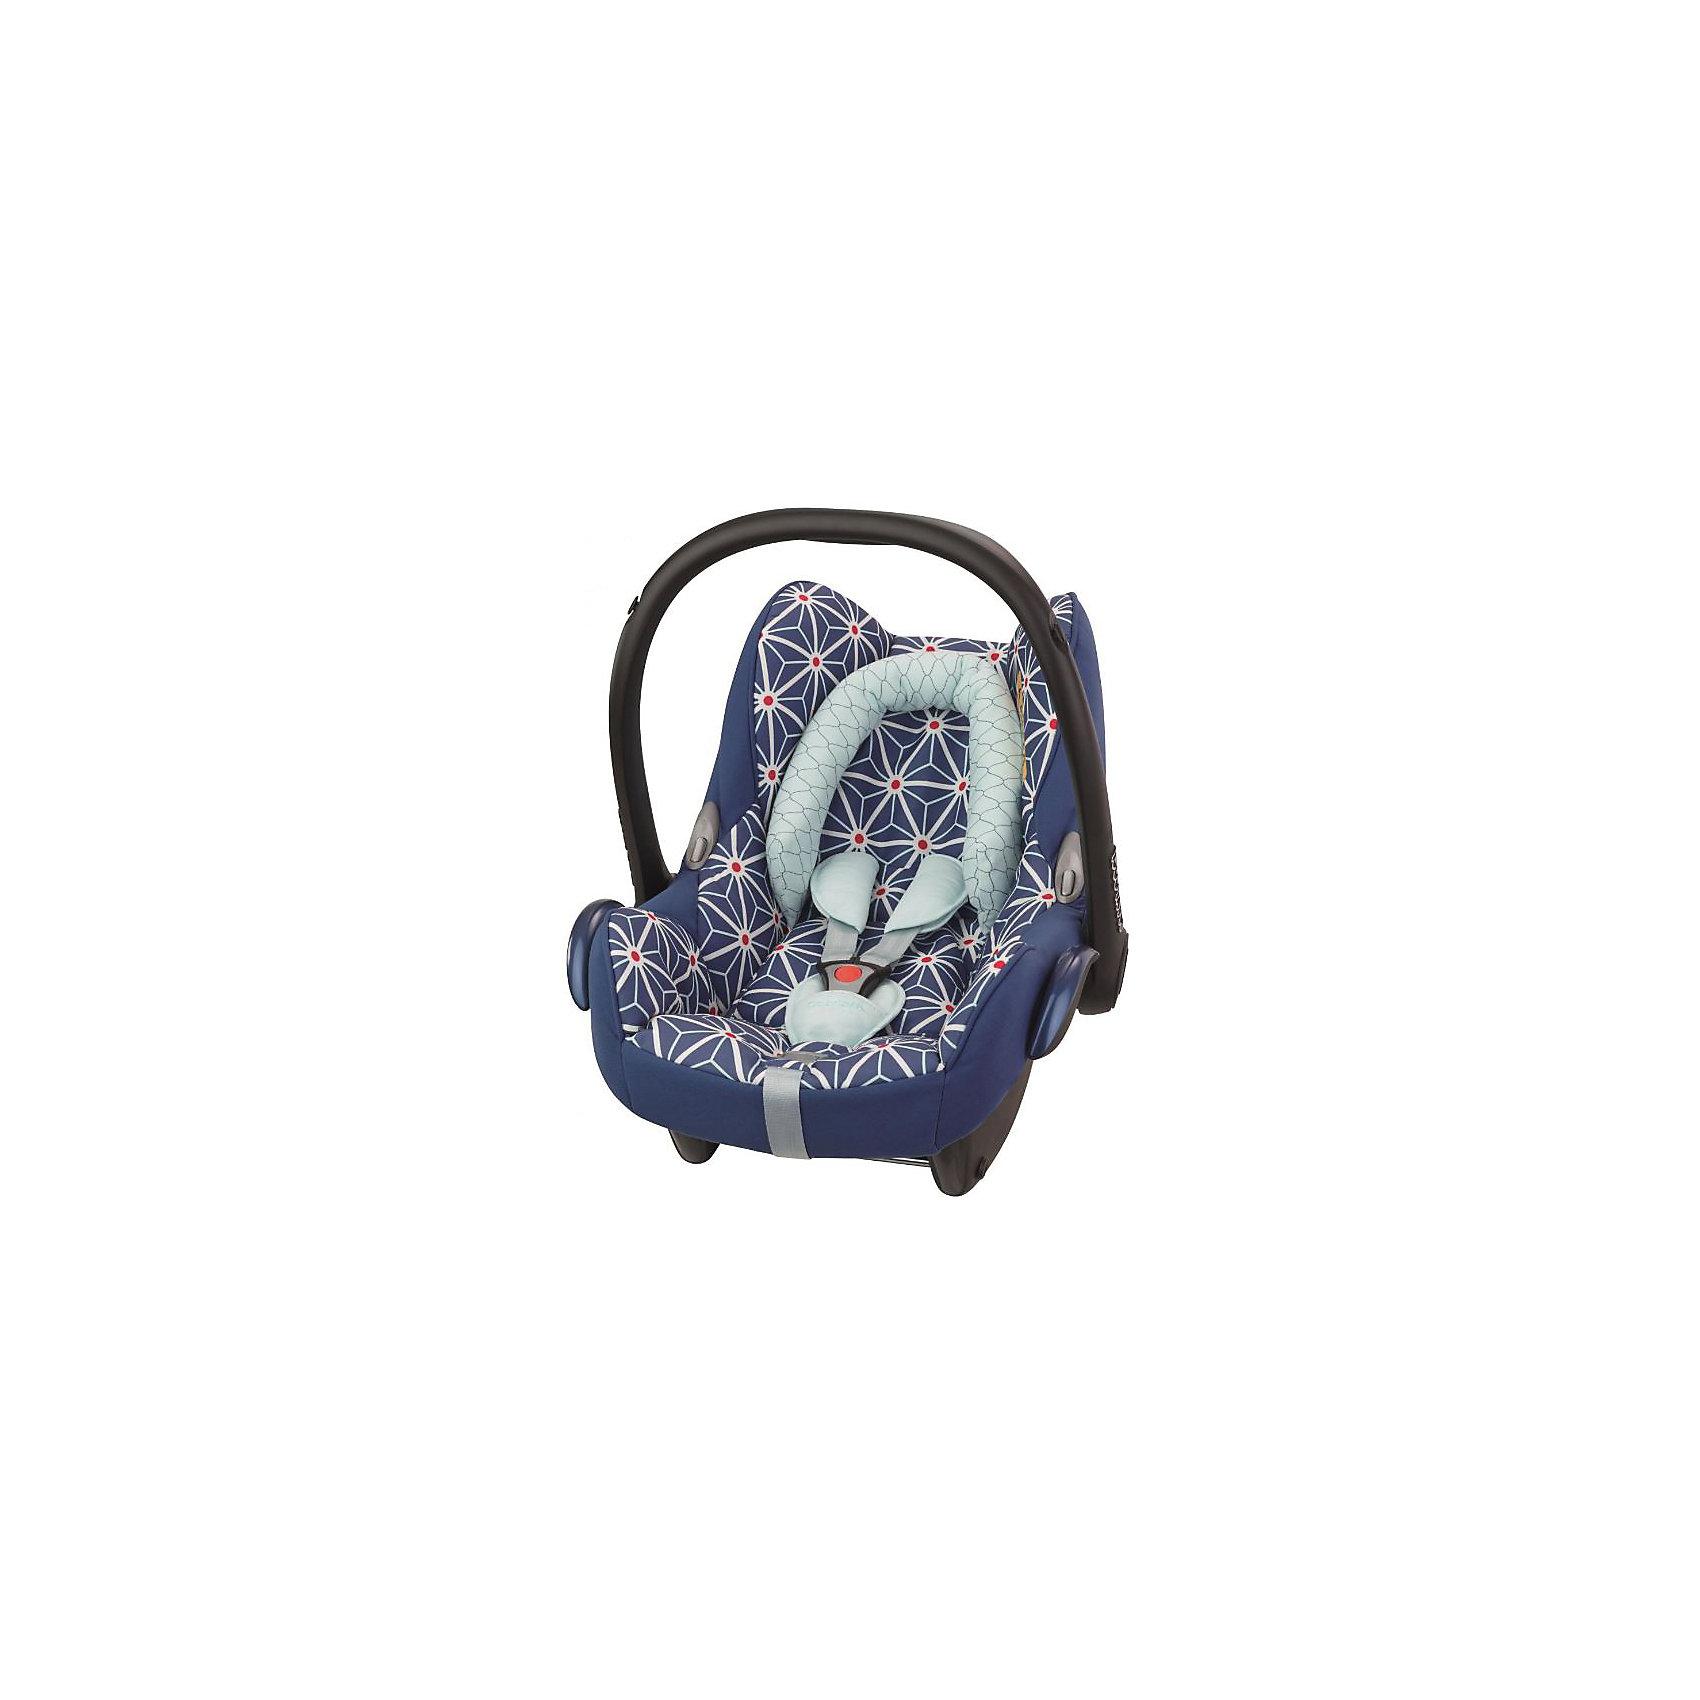 Автокресло CabrioFix 0-13 кг., Maxi-Cosi, StarУдобное высокотехнологичное автокресло-переноска позволит перевозить ребенка, не беспокоясь при этом о его безопасности. Оно предназначено для предназначено для детей весом  до 13 килограмм. Такое кресло обеспечит малышу не только безопасность, но и удобство (тент от солнца а и анатомическая подушка). Ребенок надежно фиксируется в кресле и ездит с комфортом.<br>Автокресло устанавливают против движения. Такое кресло дает возможность свободно путешествовать, ездить в гости и при этом  быть рядом с малышом. Конструкция - очень удобная и прочная. Изделие произведено из качественных и безопасных для малышей материалов, оно соответствуют всем современным требованиям безопасности. Оно отлично показало себя на краш-тестах.<br> <br>Дополнительная информация:<br><br>цвет: разноцветный;<br>материал: текстиль, пластик;<br>вес ребенка:  от 0 до 13 кг;<br>вес кресла: 3,5 кг;<br>съемный чехол;<br>карман для вещей;<br>анатомическая подушка;<br>внутренние ремни - трехточечные, с мягкими накладками;<br>регулировка высоты внутренних ремней;<br>регулировка наклона спинки;<br>регулировка высоты подголовника;<br>ручка для переноски;<br>тент от солнца.<br><br>Автокресло CabrioFix 0-13 кг., Star от компании Maxi-Cosi можно купить в нашем магазине.<br><br>Ширина мм: 445<br>Глубина мм: 375<br>Высота мм: 725<br>Вес г: 3300<br>Возраст от месяцев: 0<br>Возраст до месяцев: 12<br>Пол: Унисекс<br>Возраст: Детский<br>SKU: 4709566